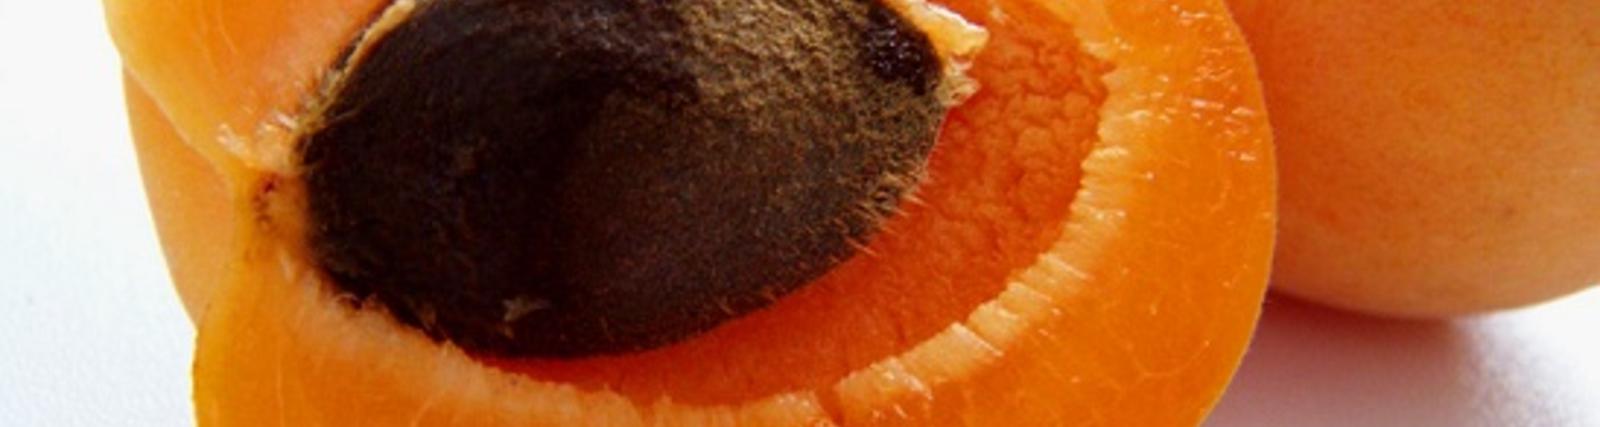 Bittere Aprikosenkerne